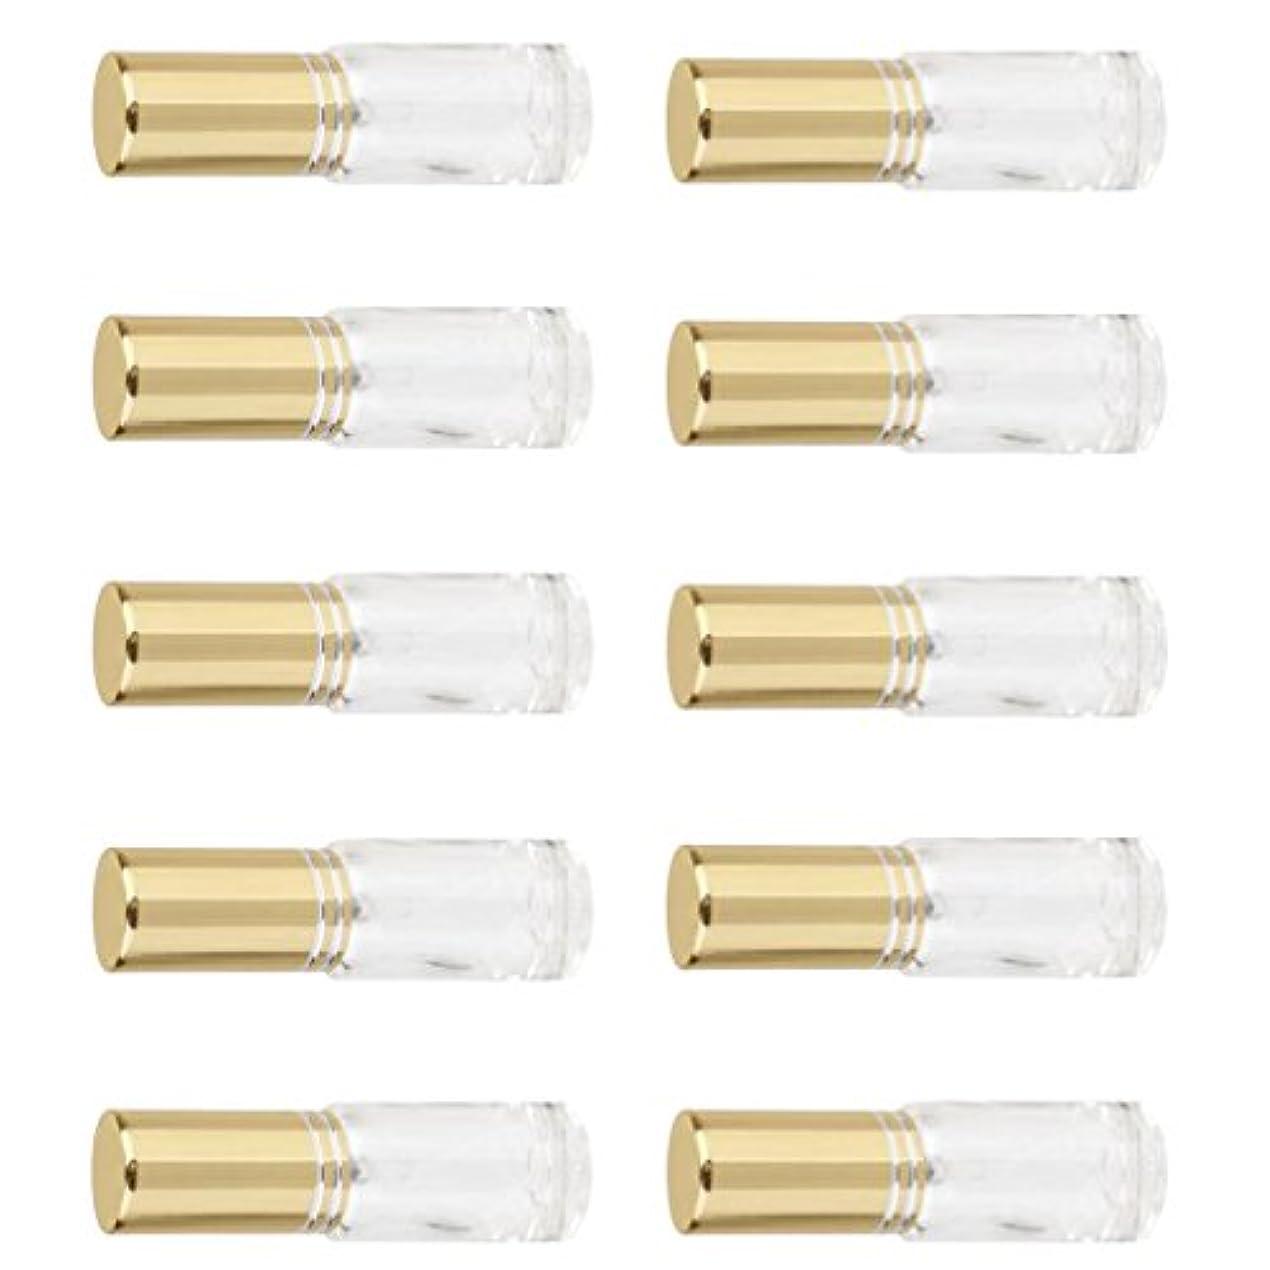 かける近代化する販売員詰め替え可能 男女兼用 香水瓶 容器 ミニ ガラス 香水 アトマイザー ポンプ スプレー 10個入り